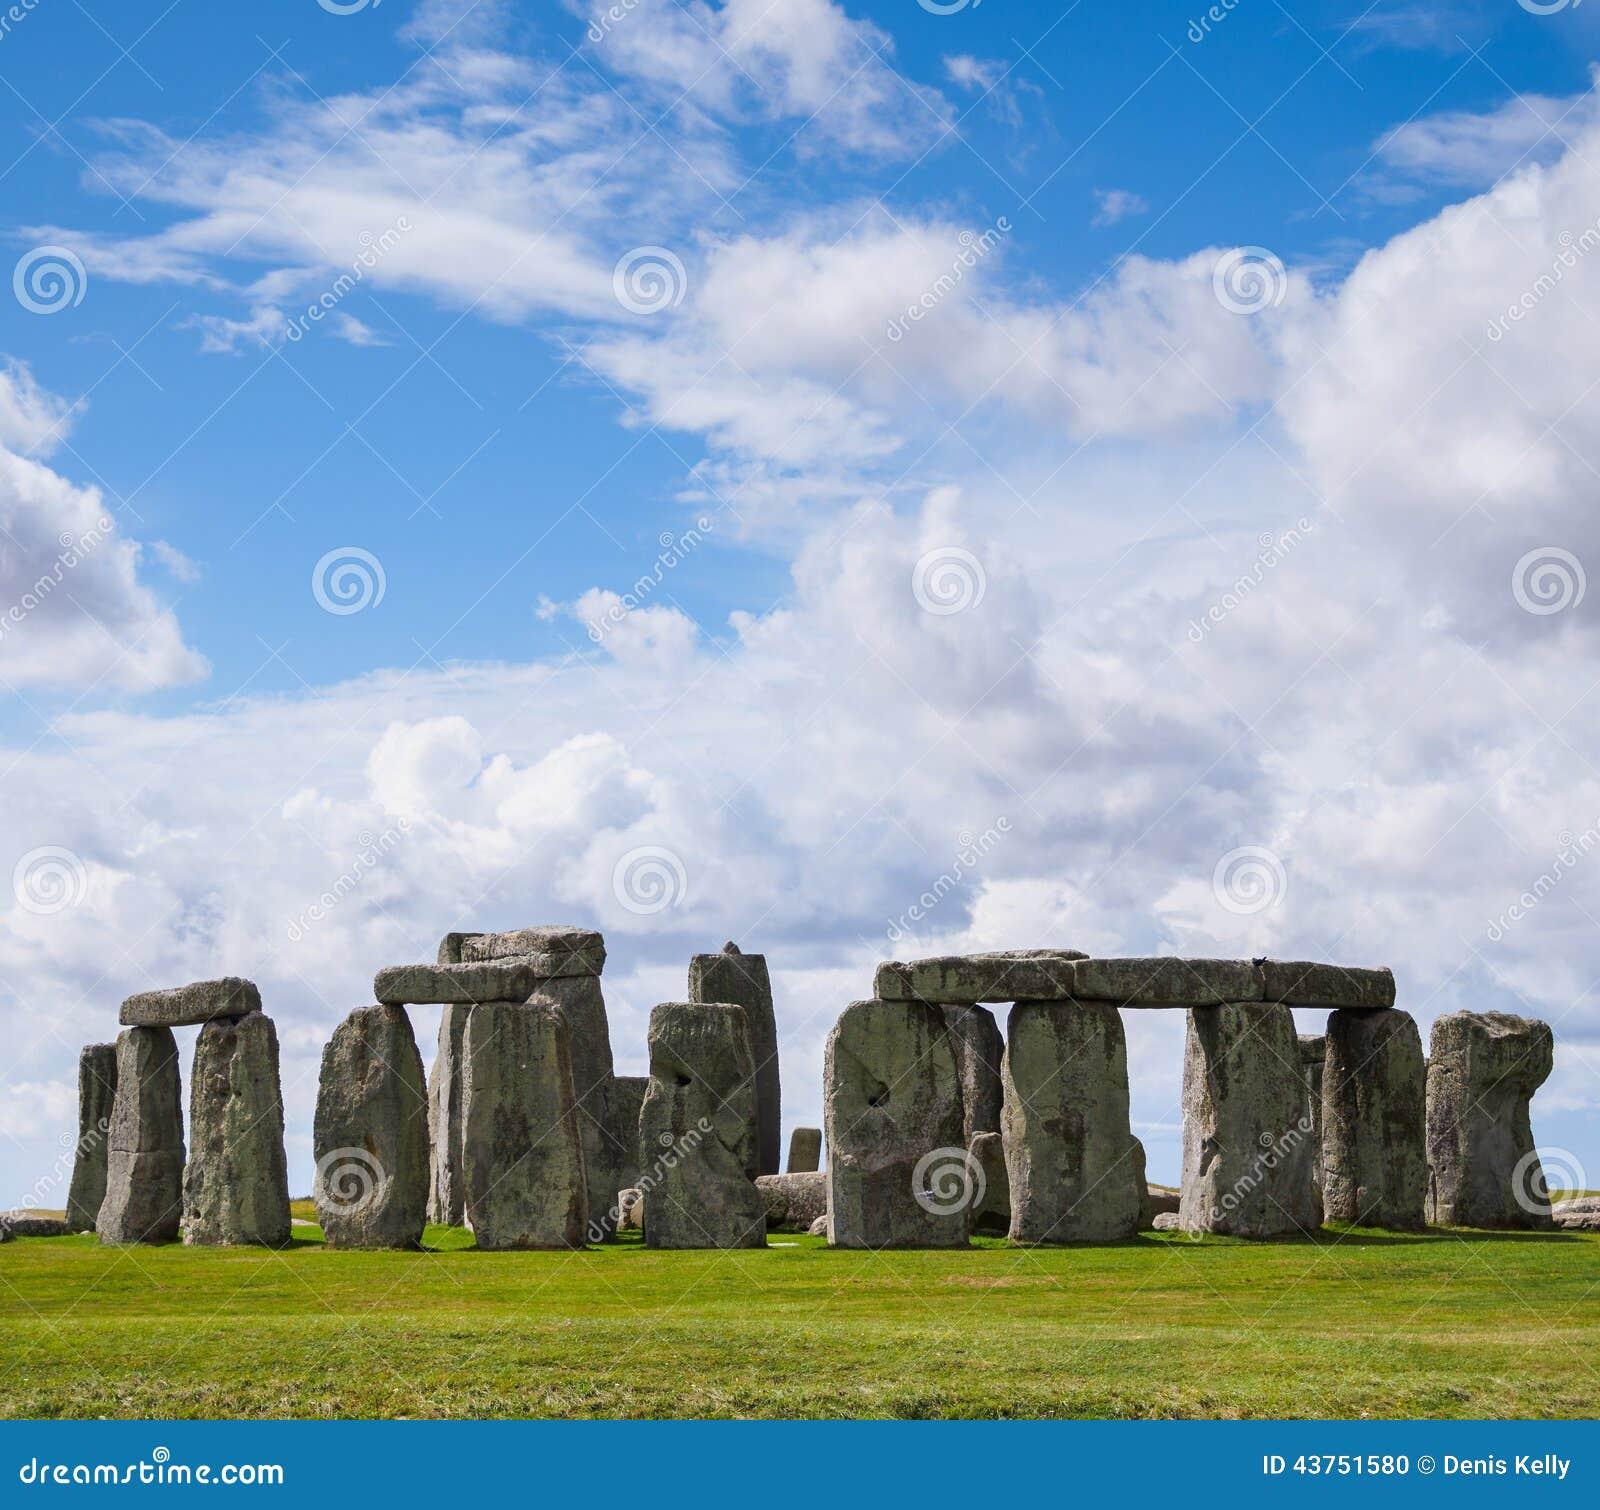 Monumento pré-histórico das pedras eretas de Stonehenge